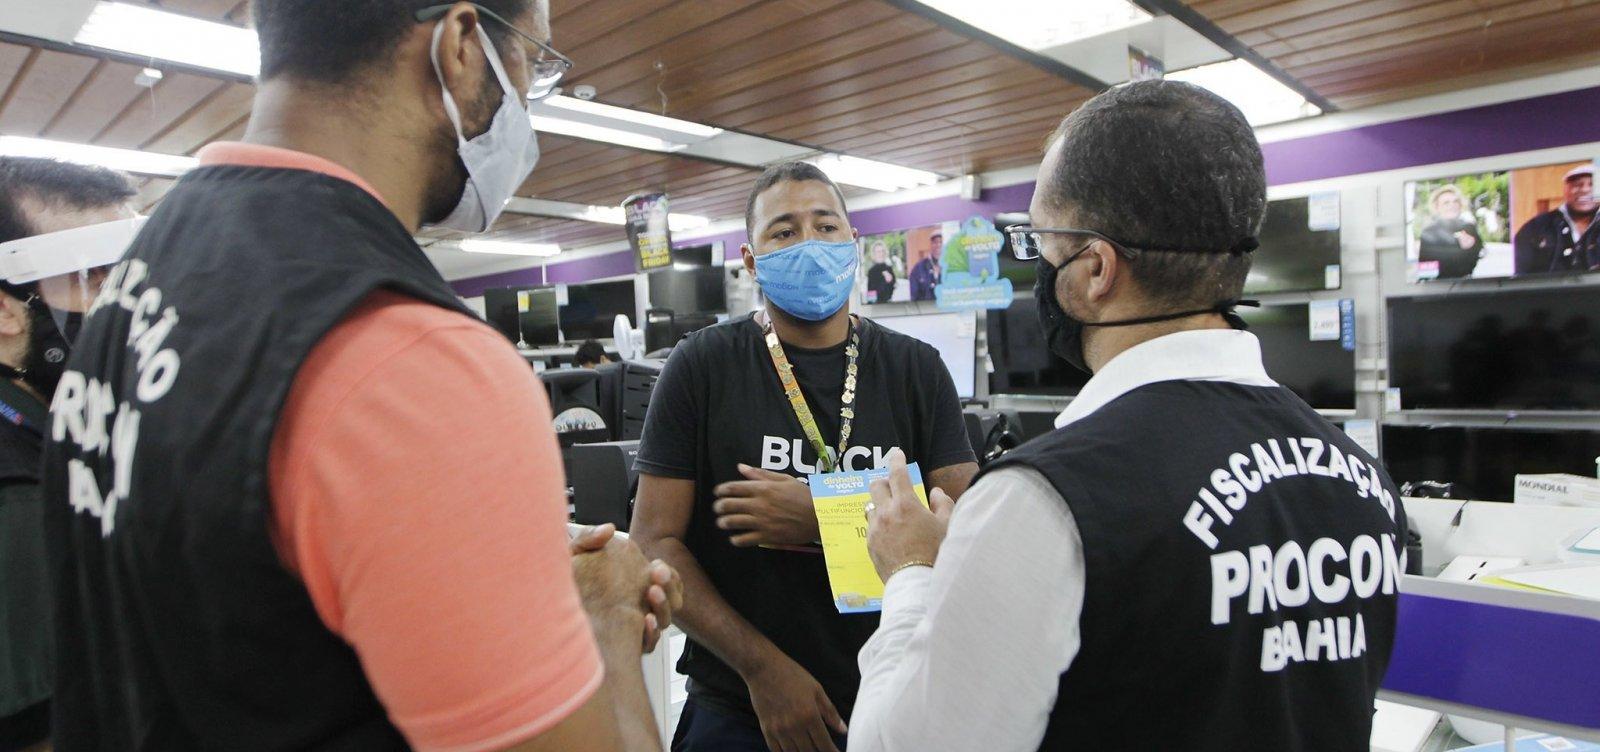 Procon garante operação contra fraudes na Black Friday